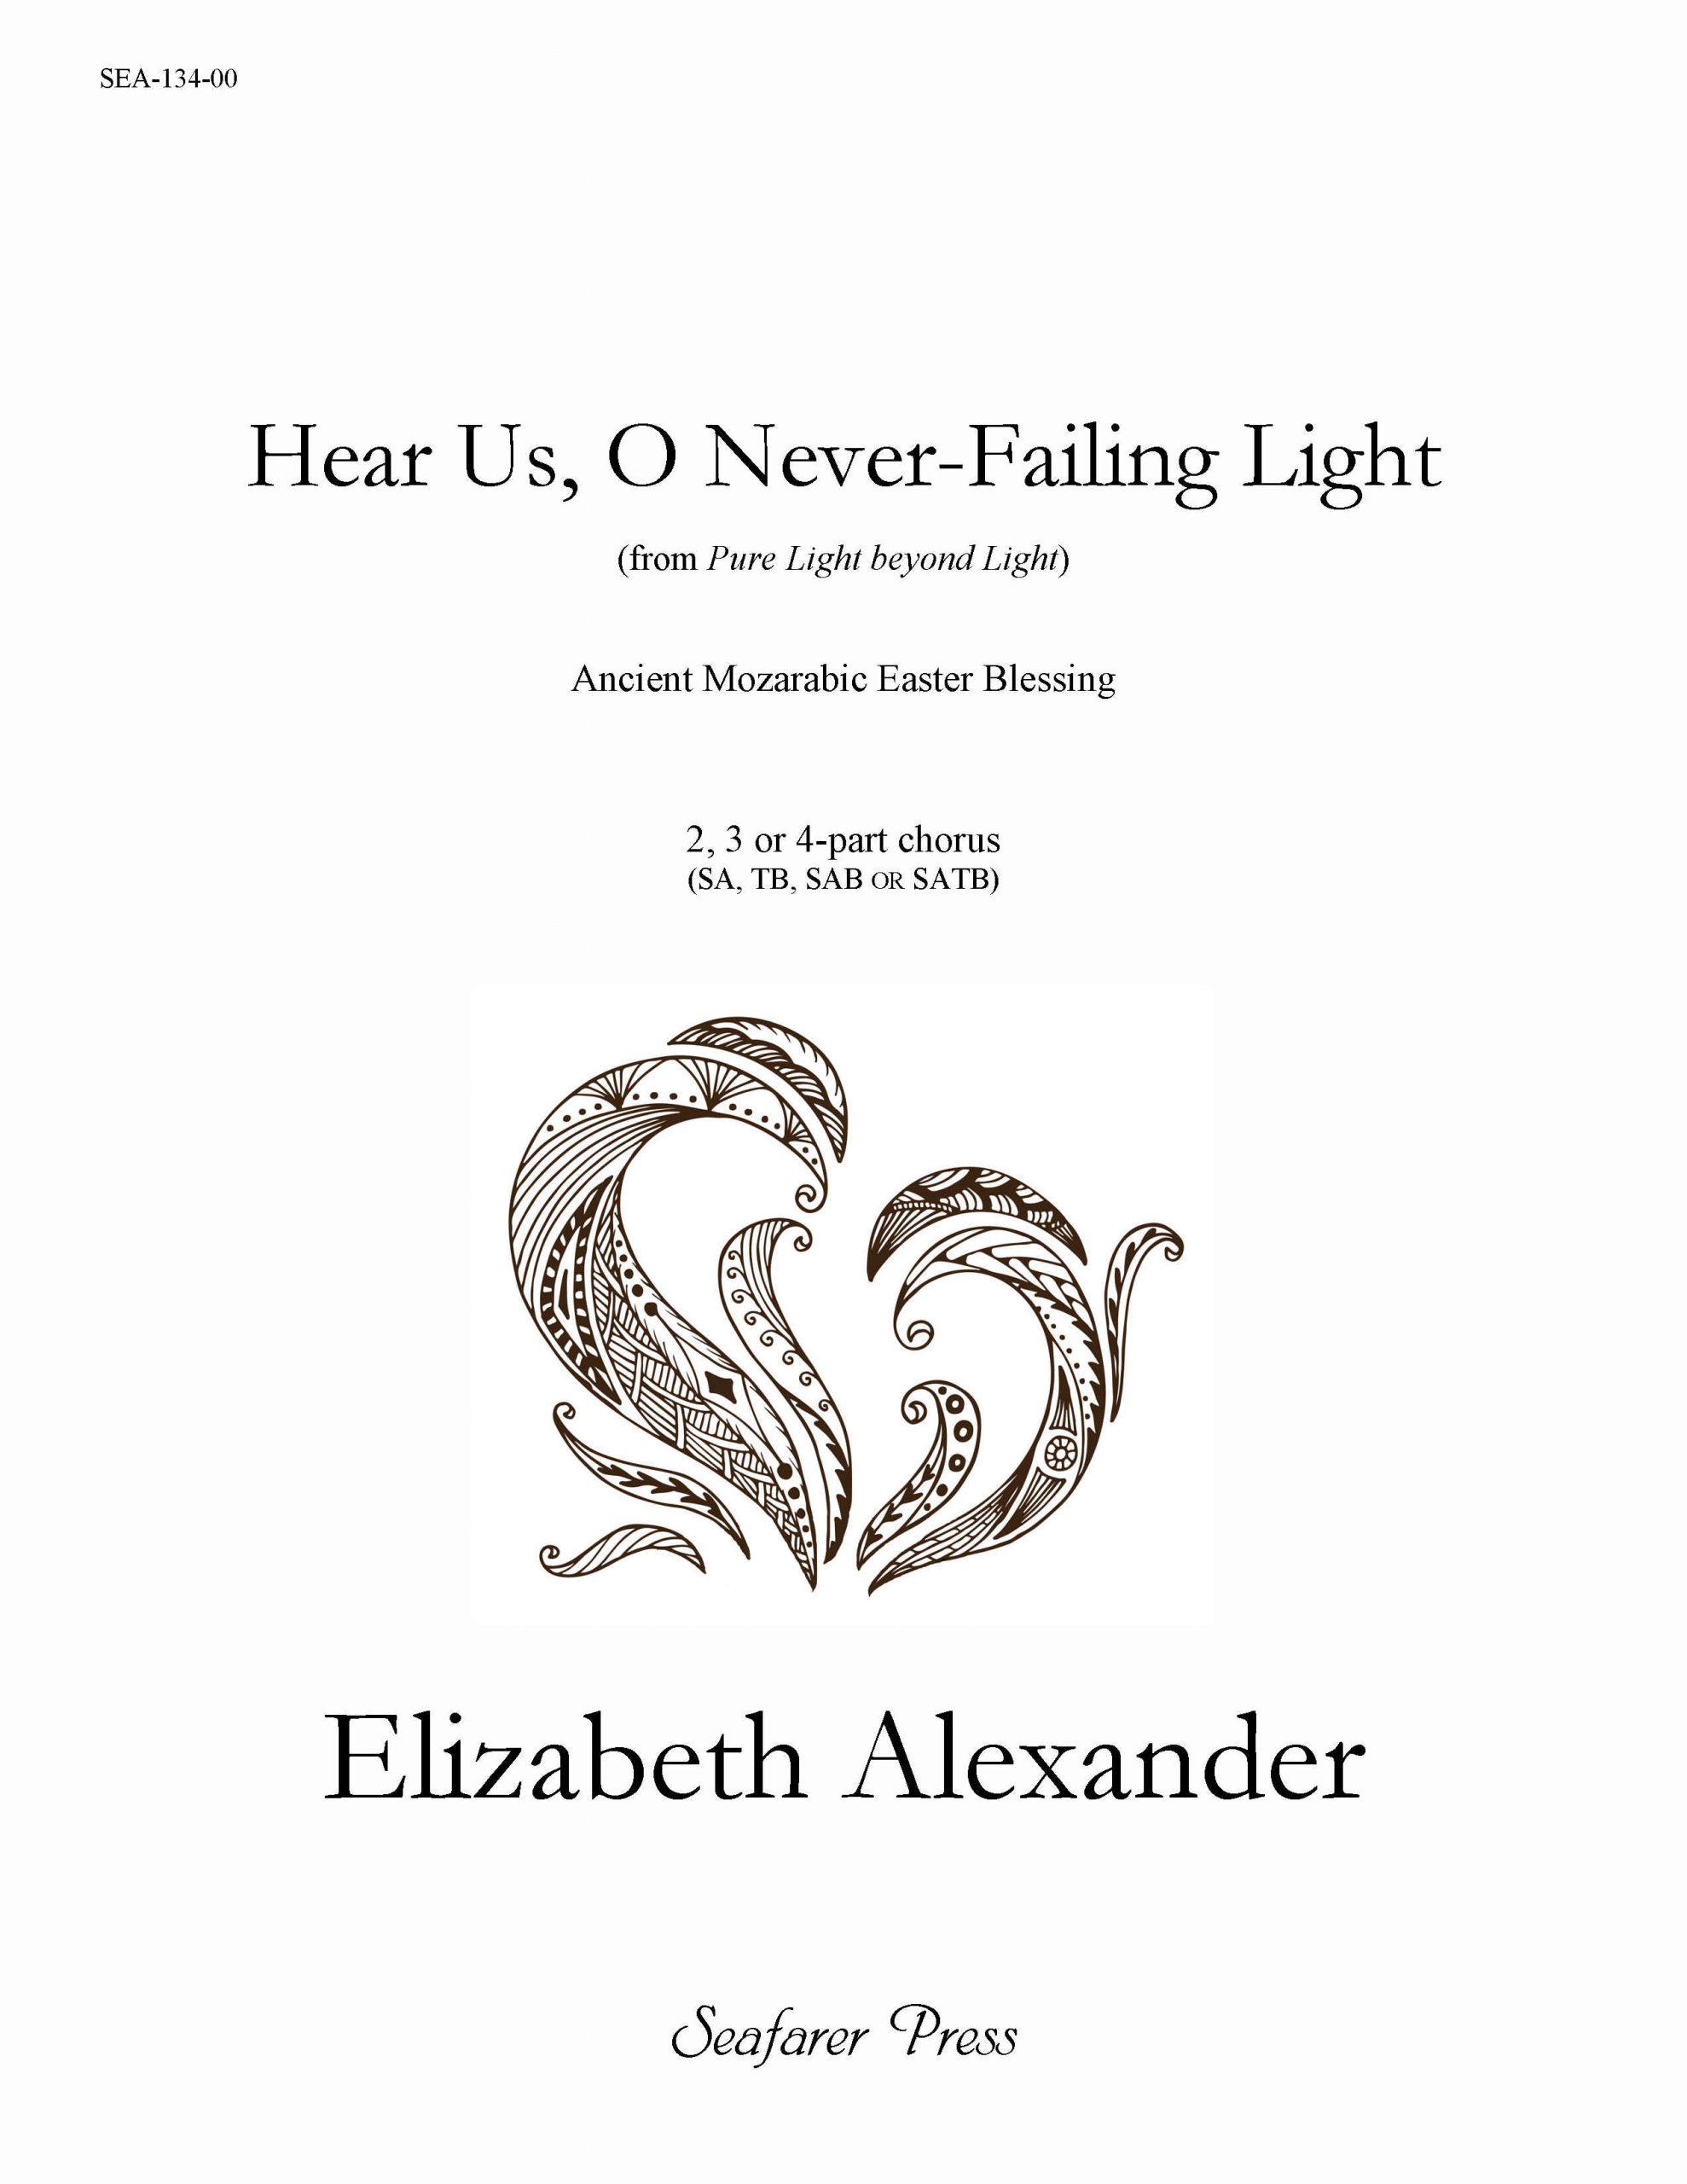 SEA-134-00 - Hear Us, O Never Failing Light